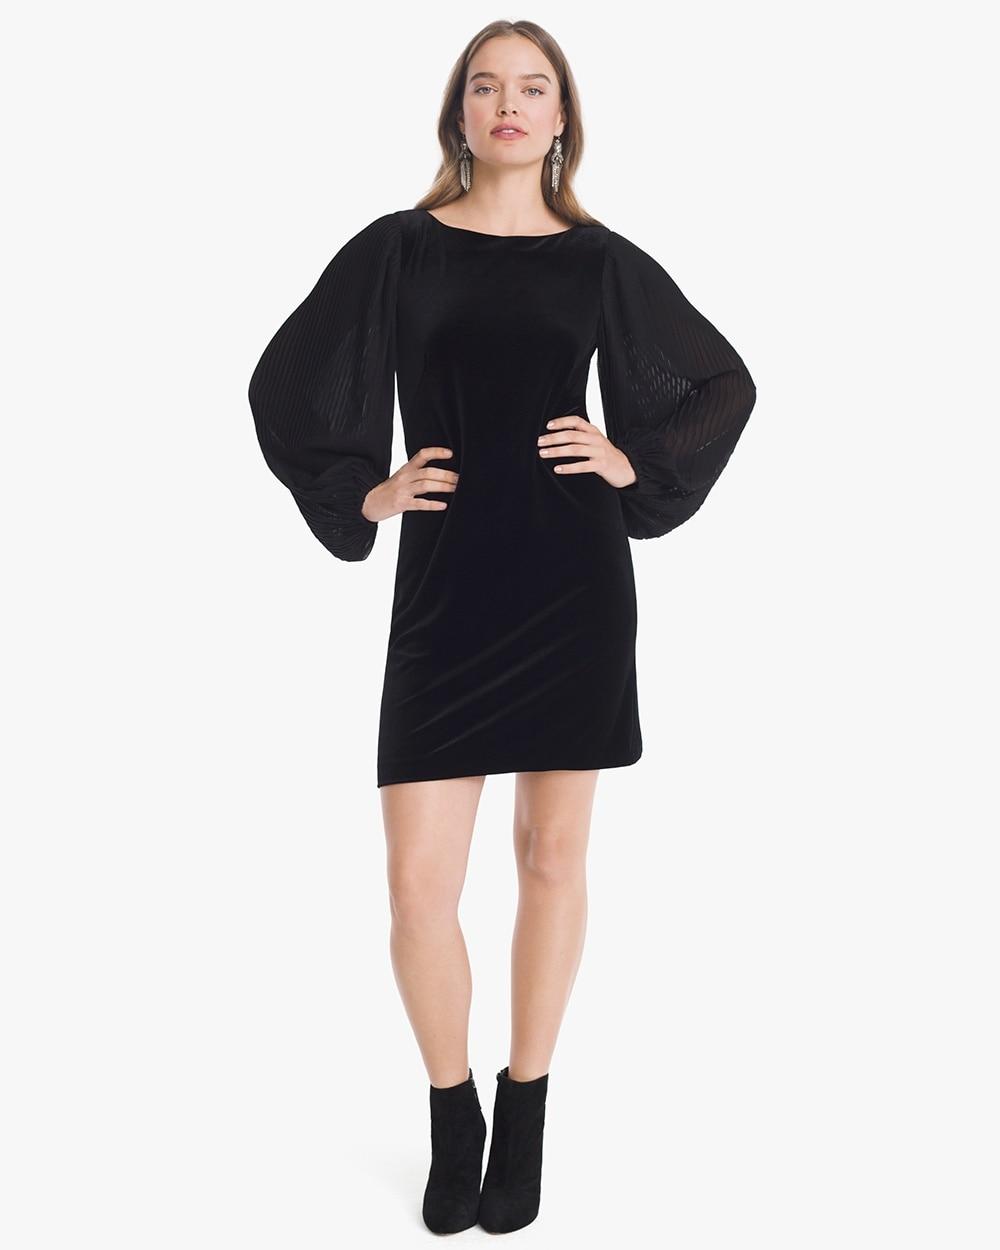 Chiffon Sleeve Black Velvet Shift Dress White House Black Market